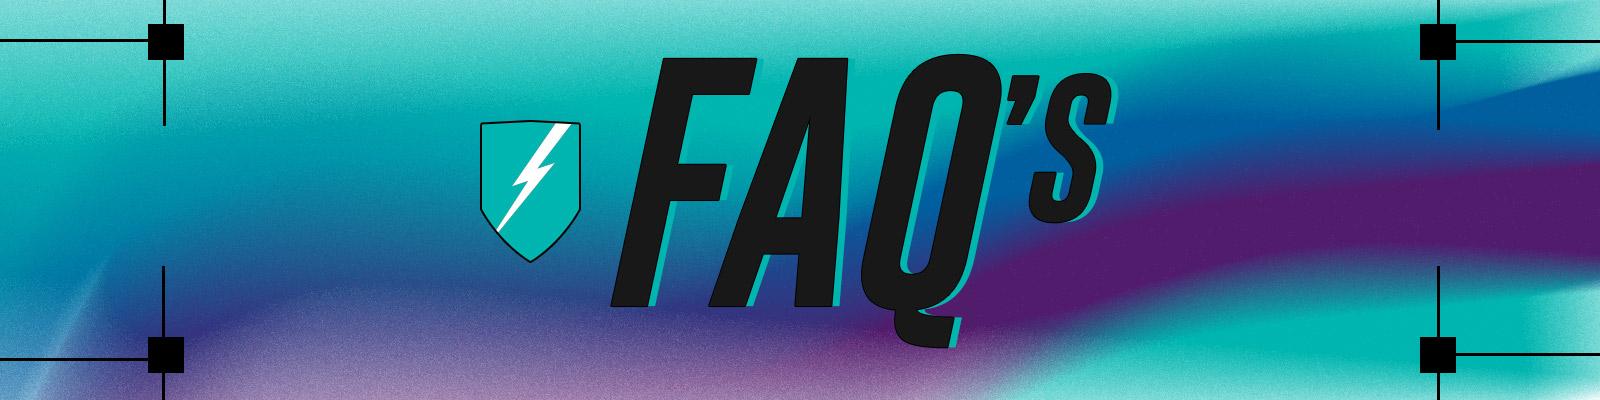 FAQ Defense Boost Banner